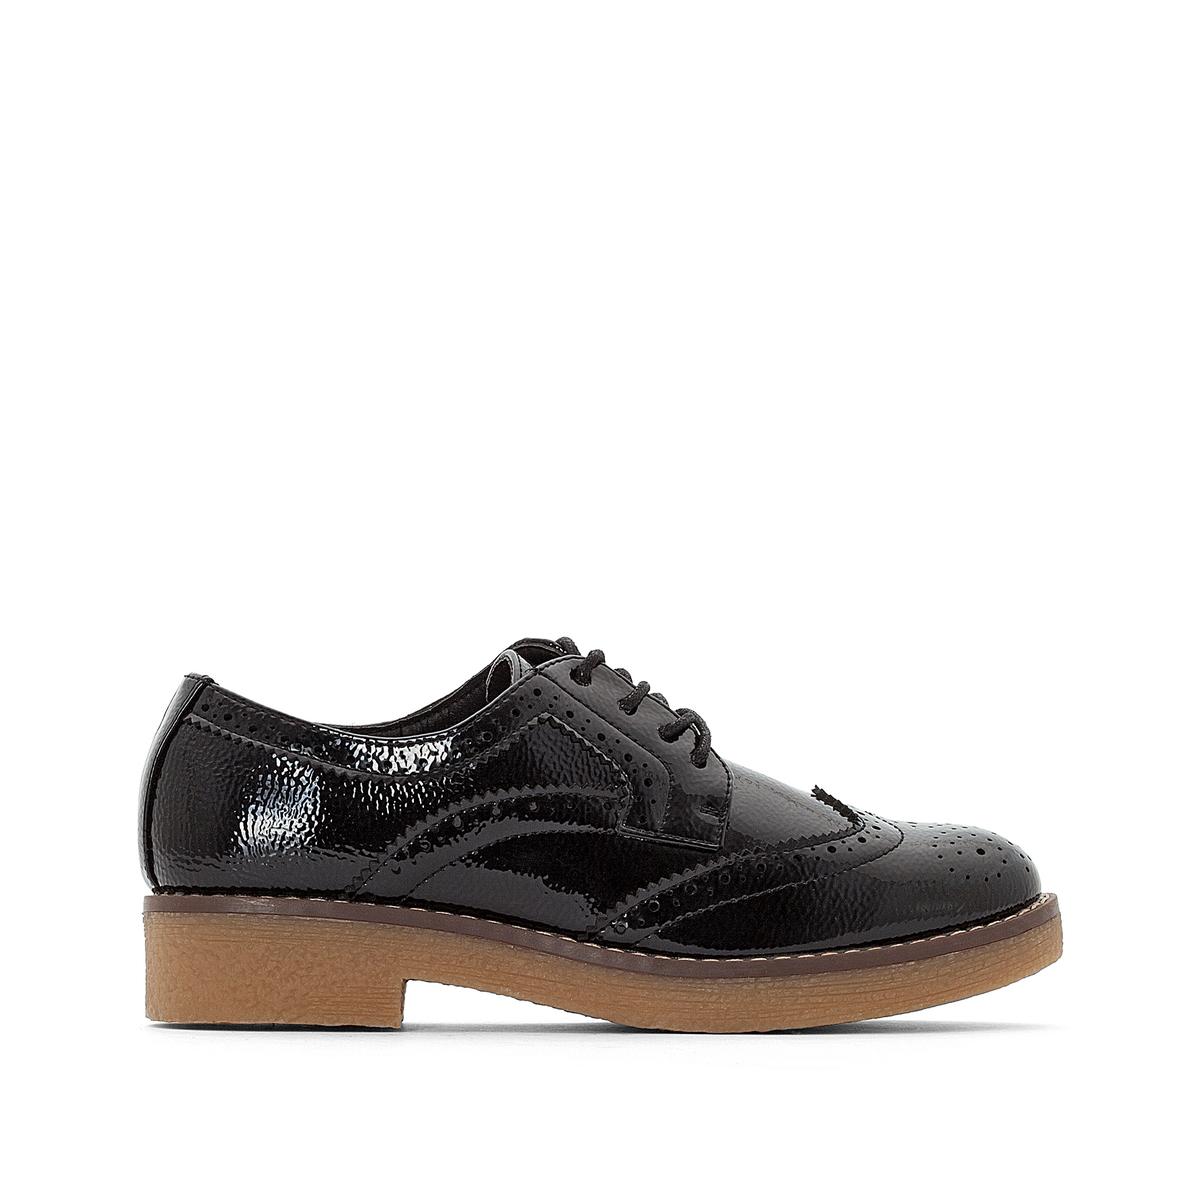 Ботинки-дерби из кожи с подошвой из крепа детские ботинки с нескользящей подошвой bobdog 52071013 1 3